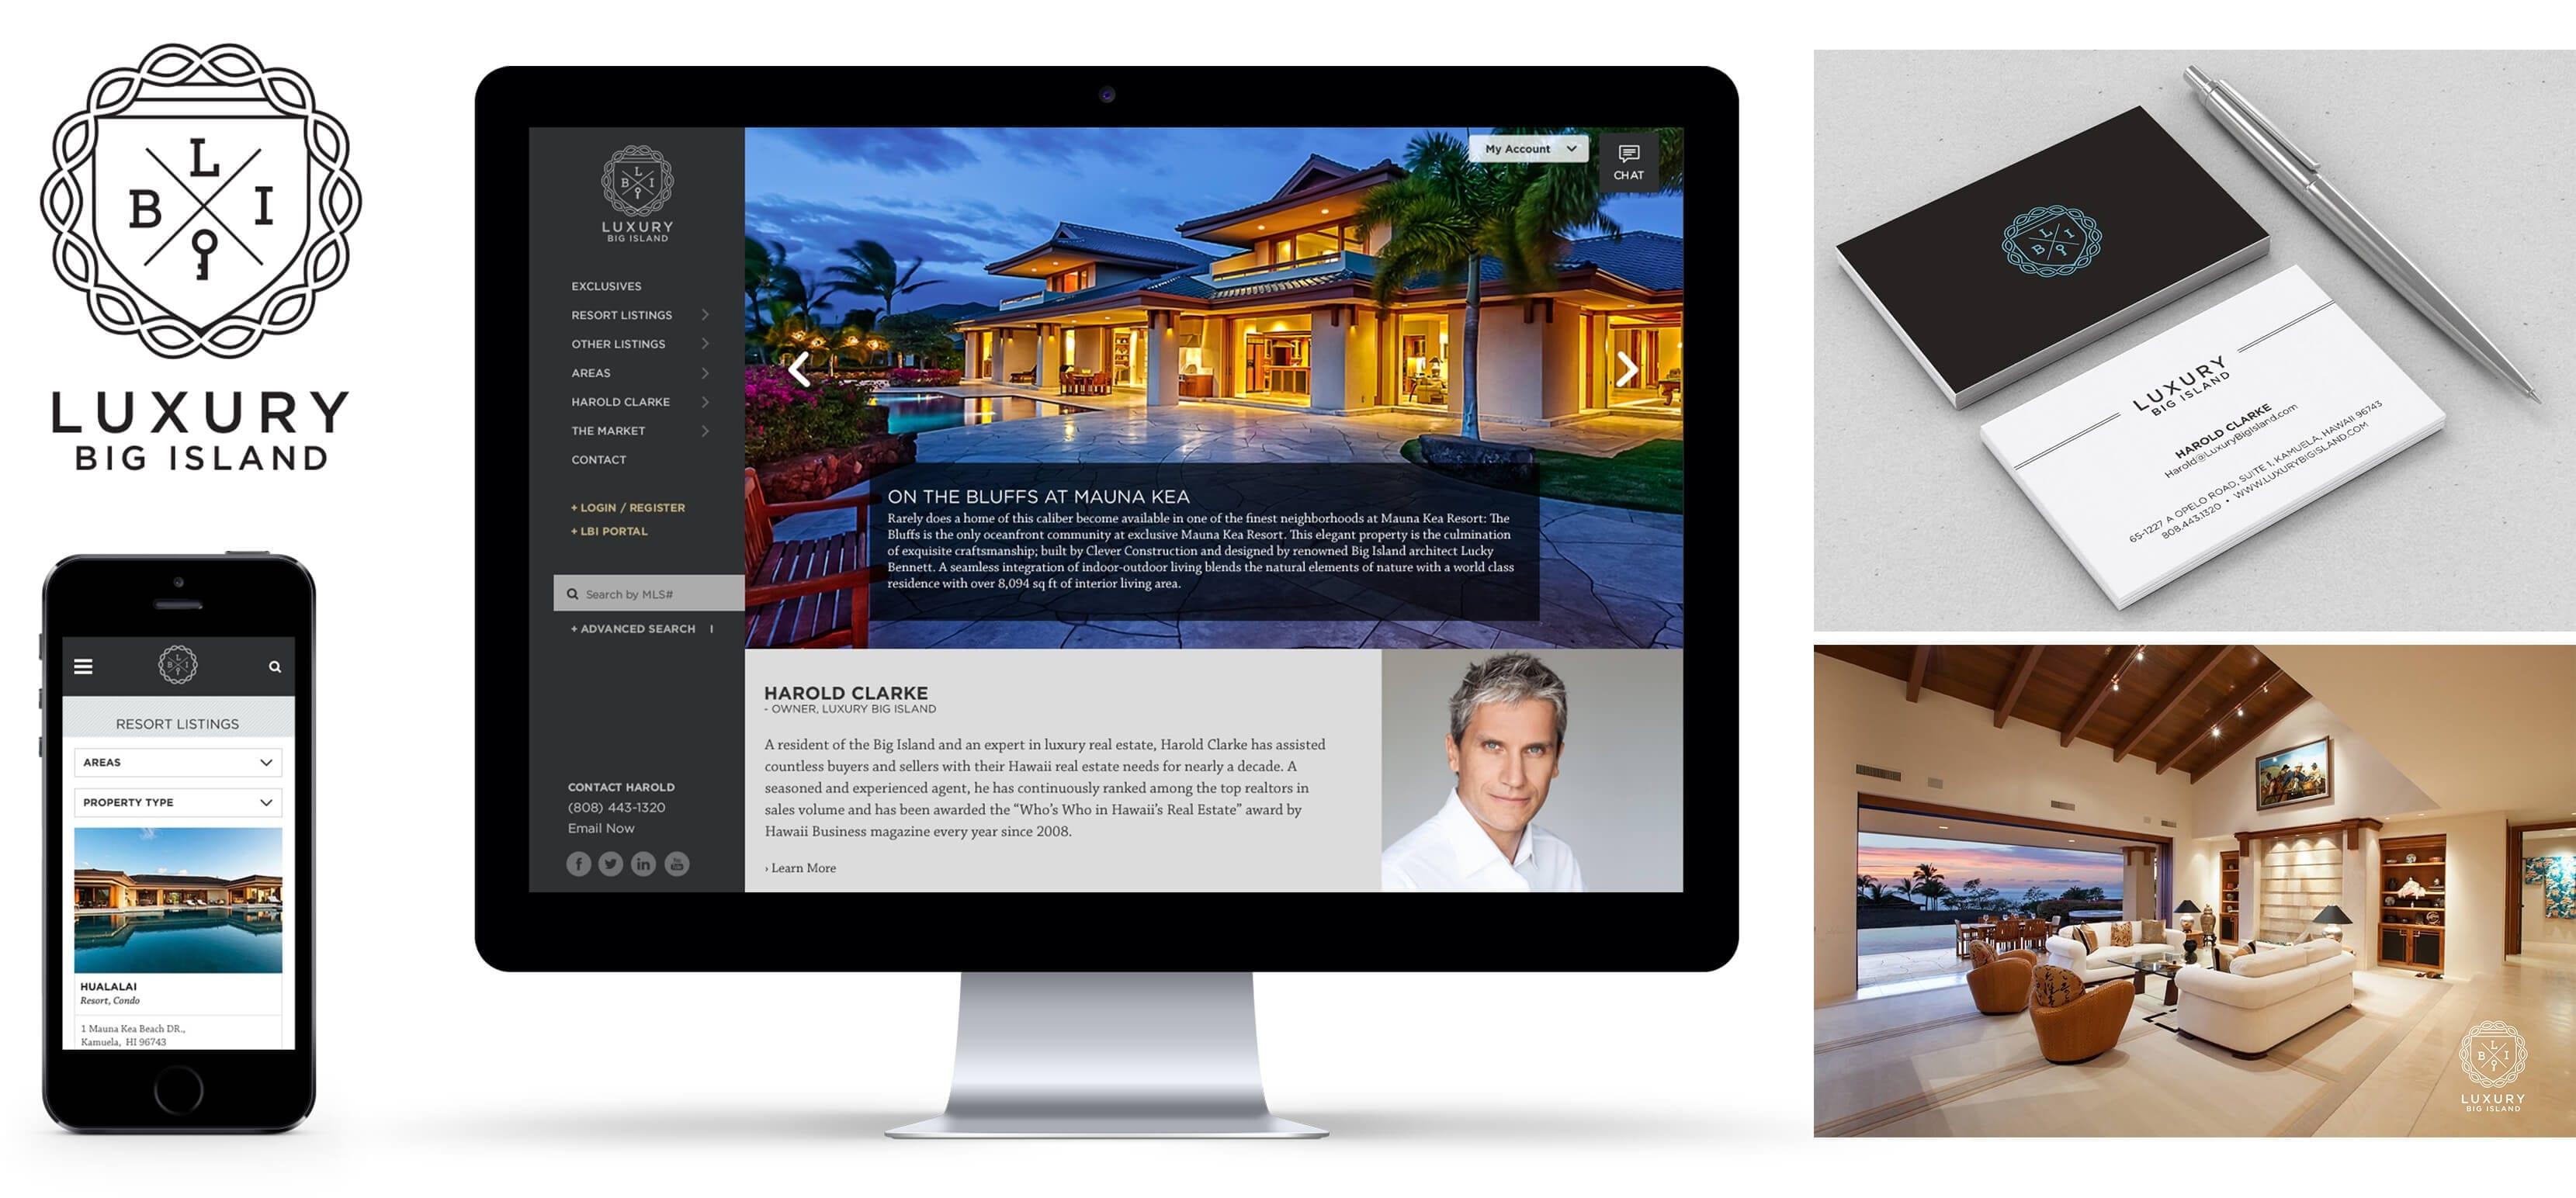 Luxury Big Island GreyBox Creative